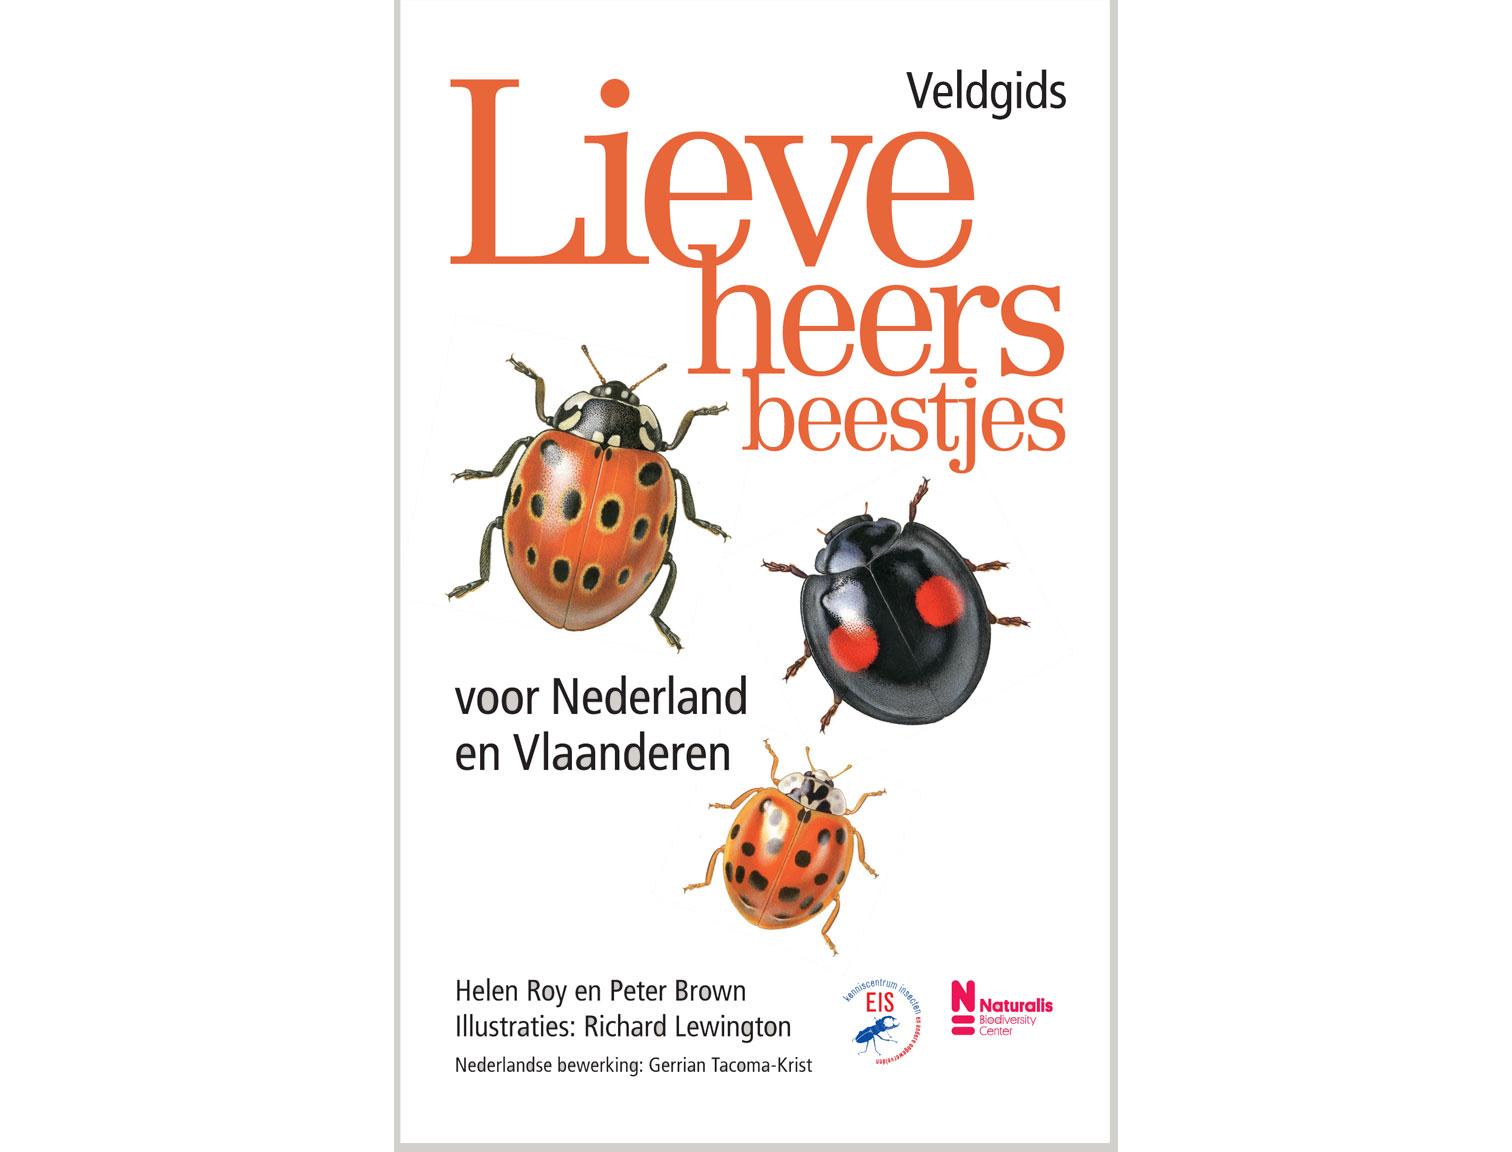 veldgids-lieveheersbeestjes